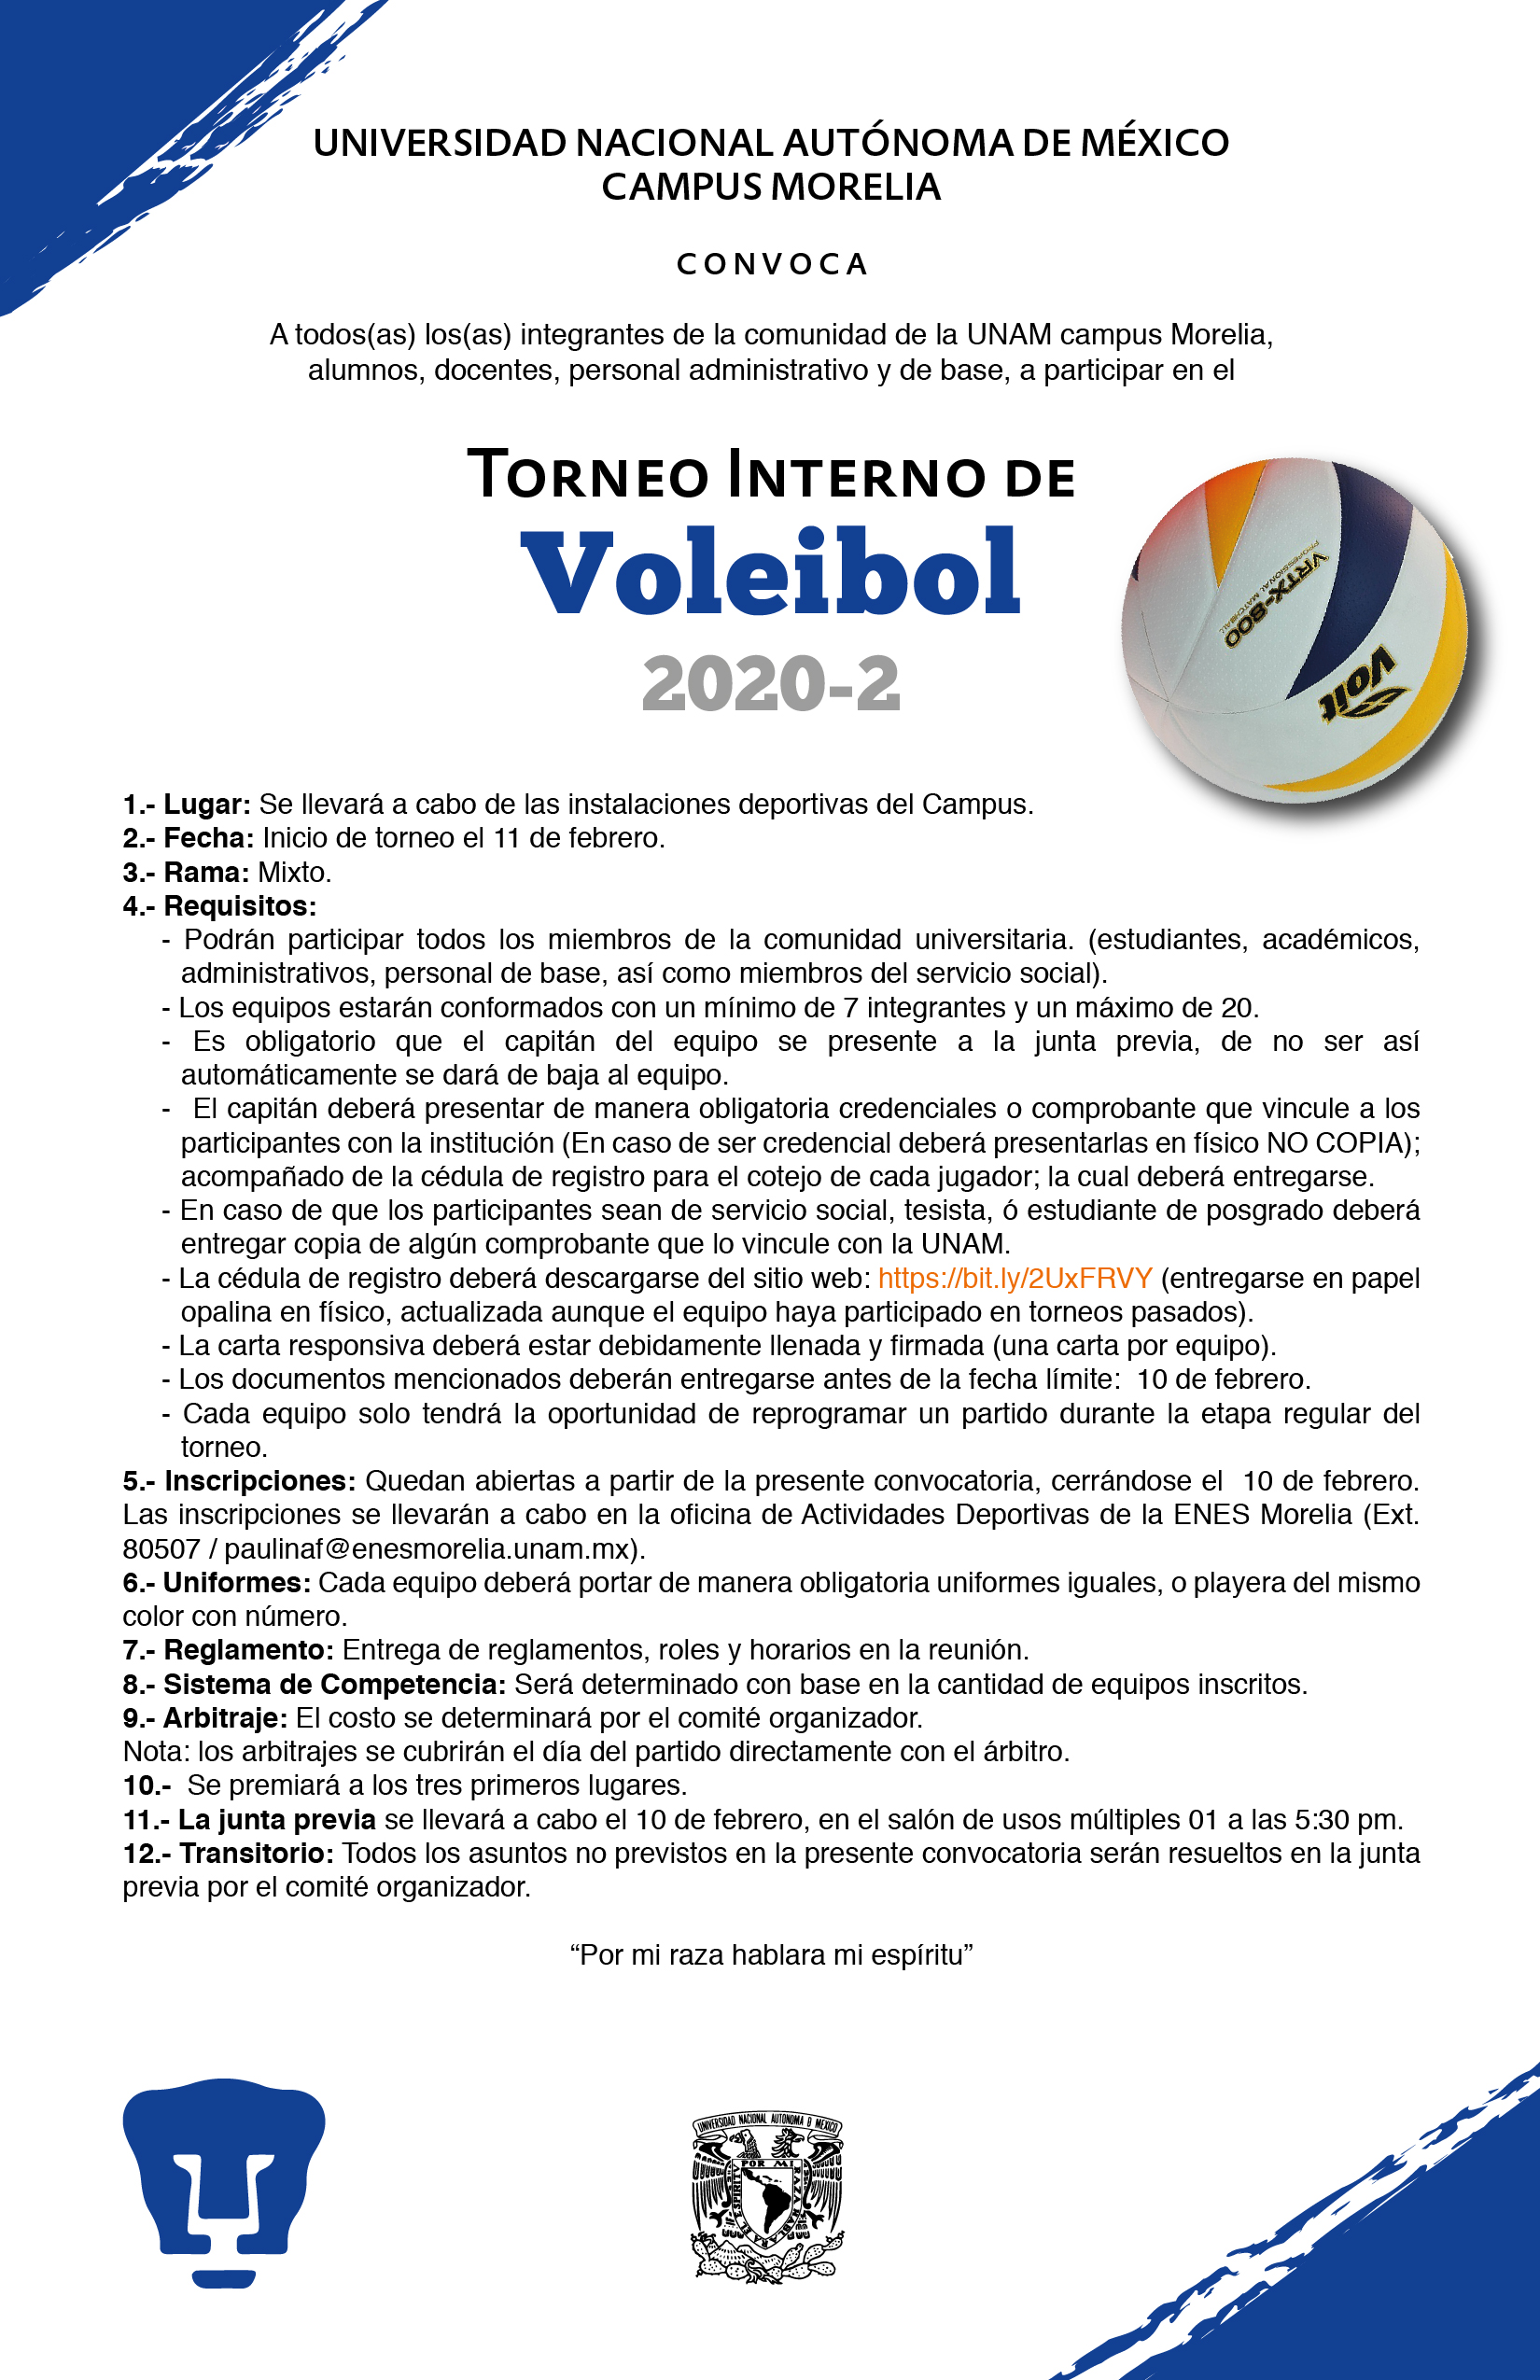 conv-deportivas-2020-2-03